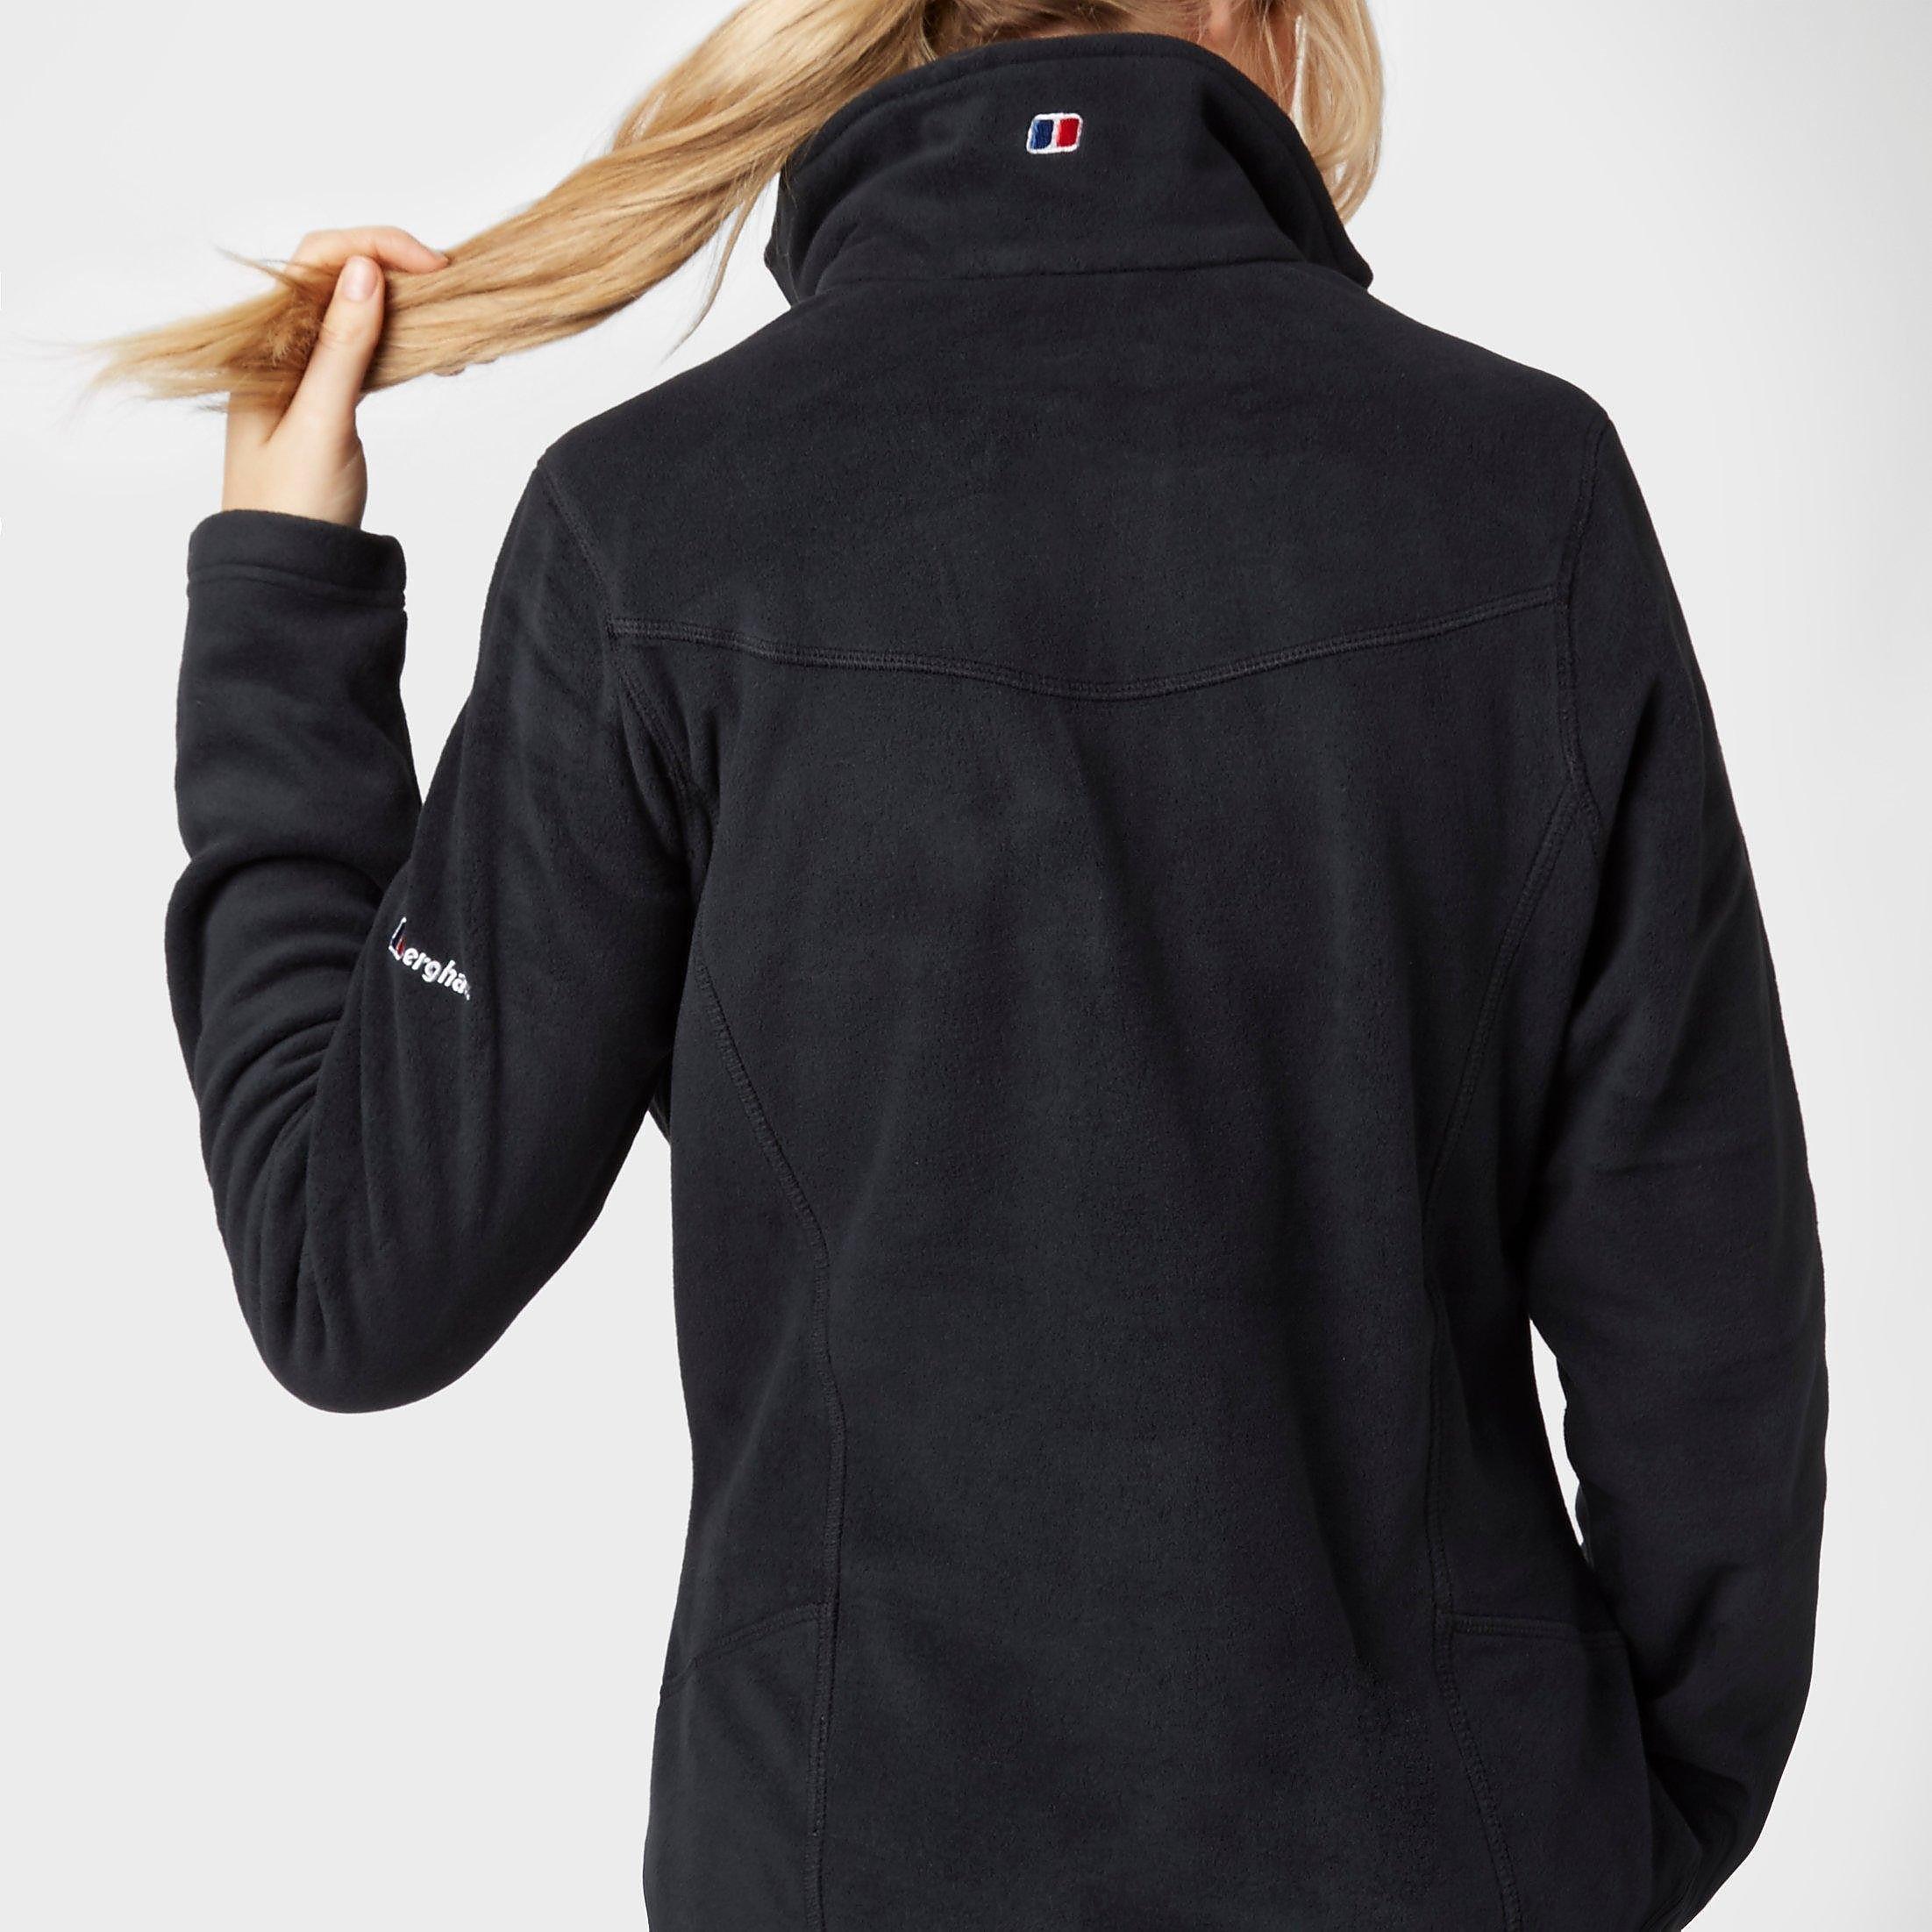 Berghaus Prism II Full-Zip Women's Micro Fleece